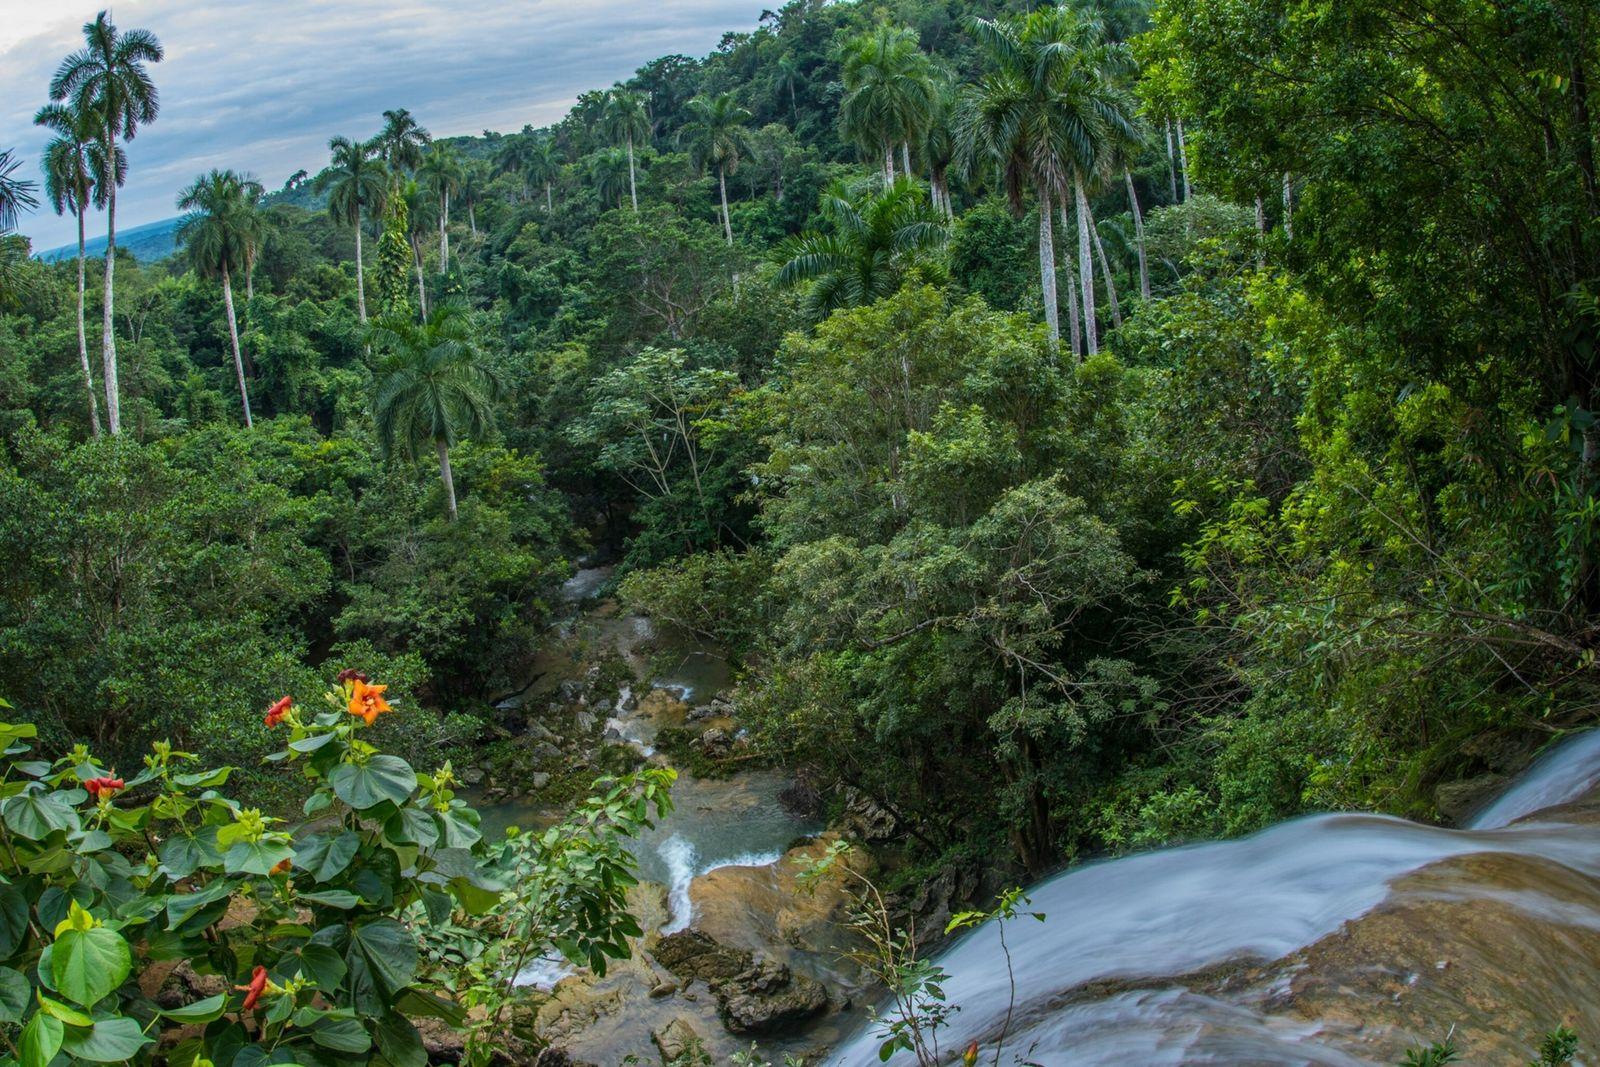 Los beneficios ambientales inesperados del aislamiento de Cuba